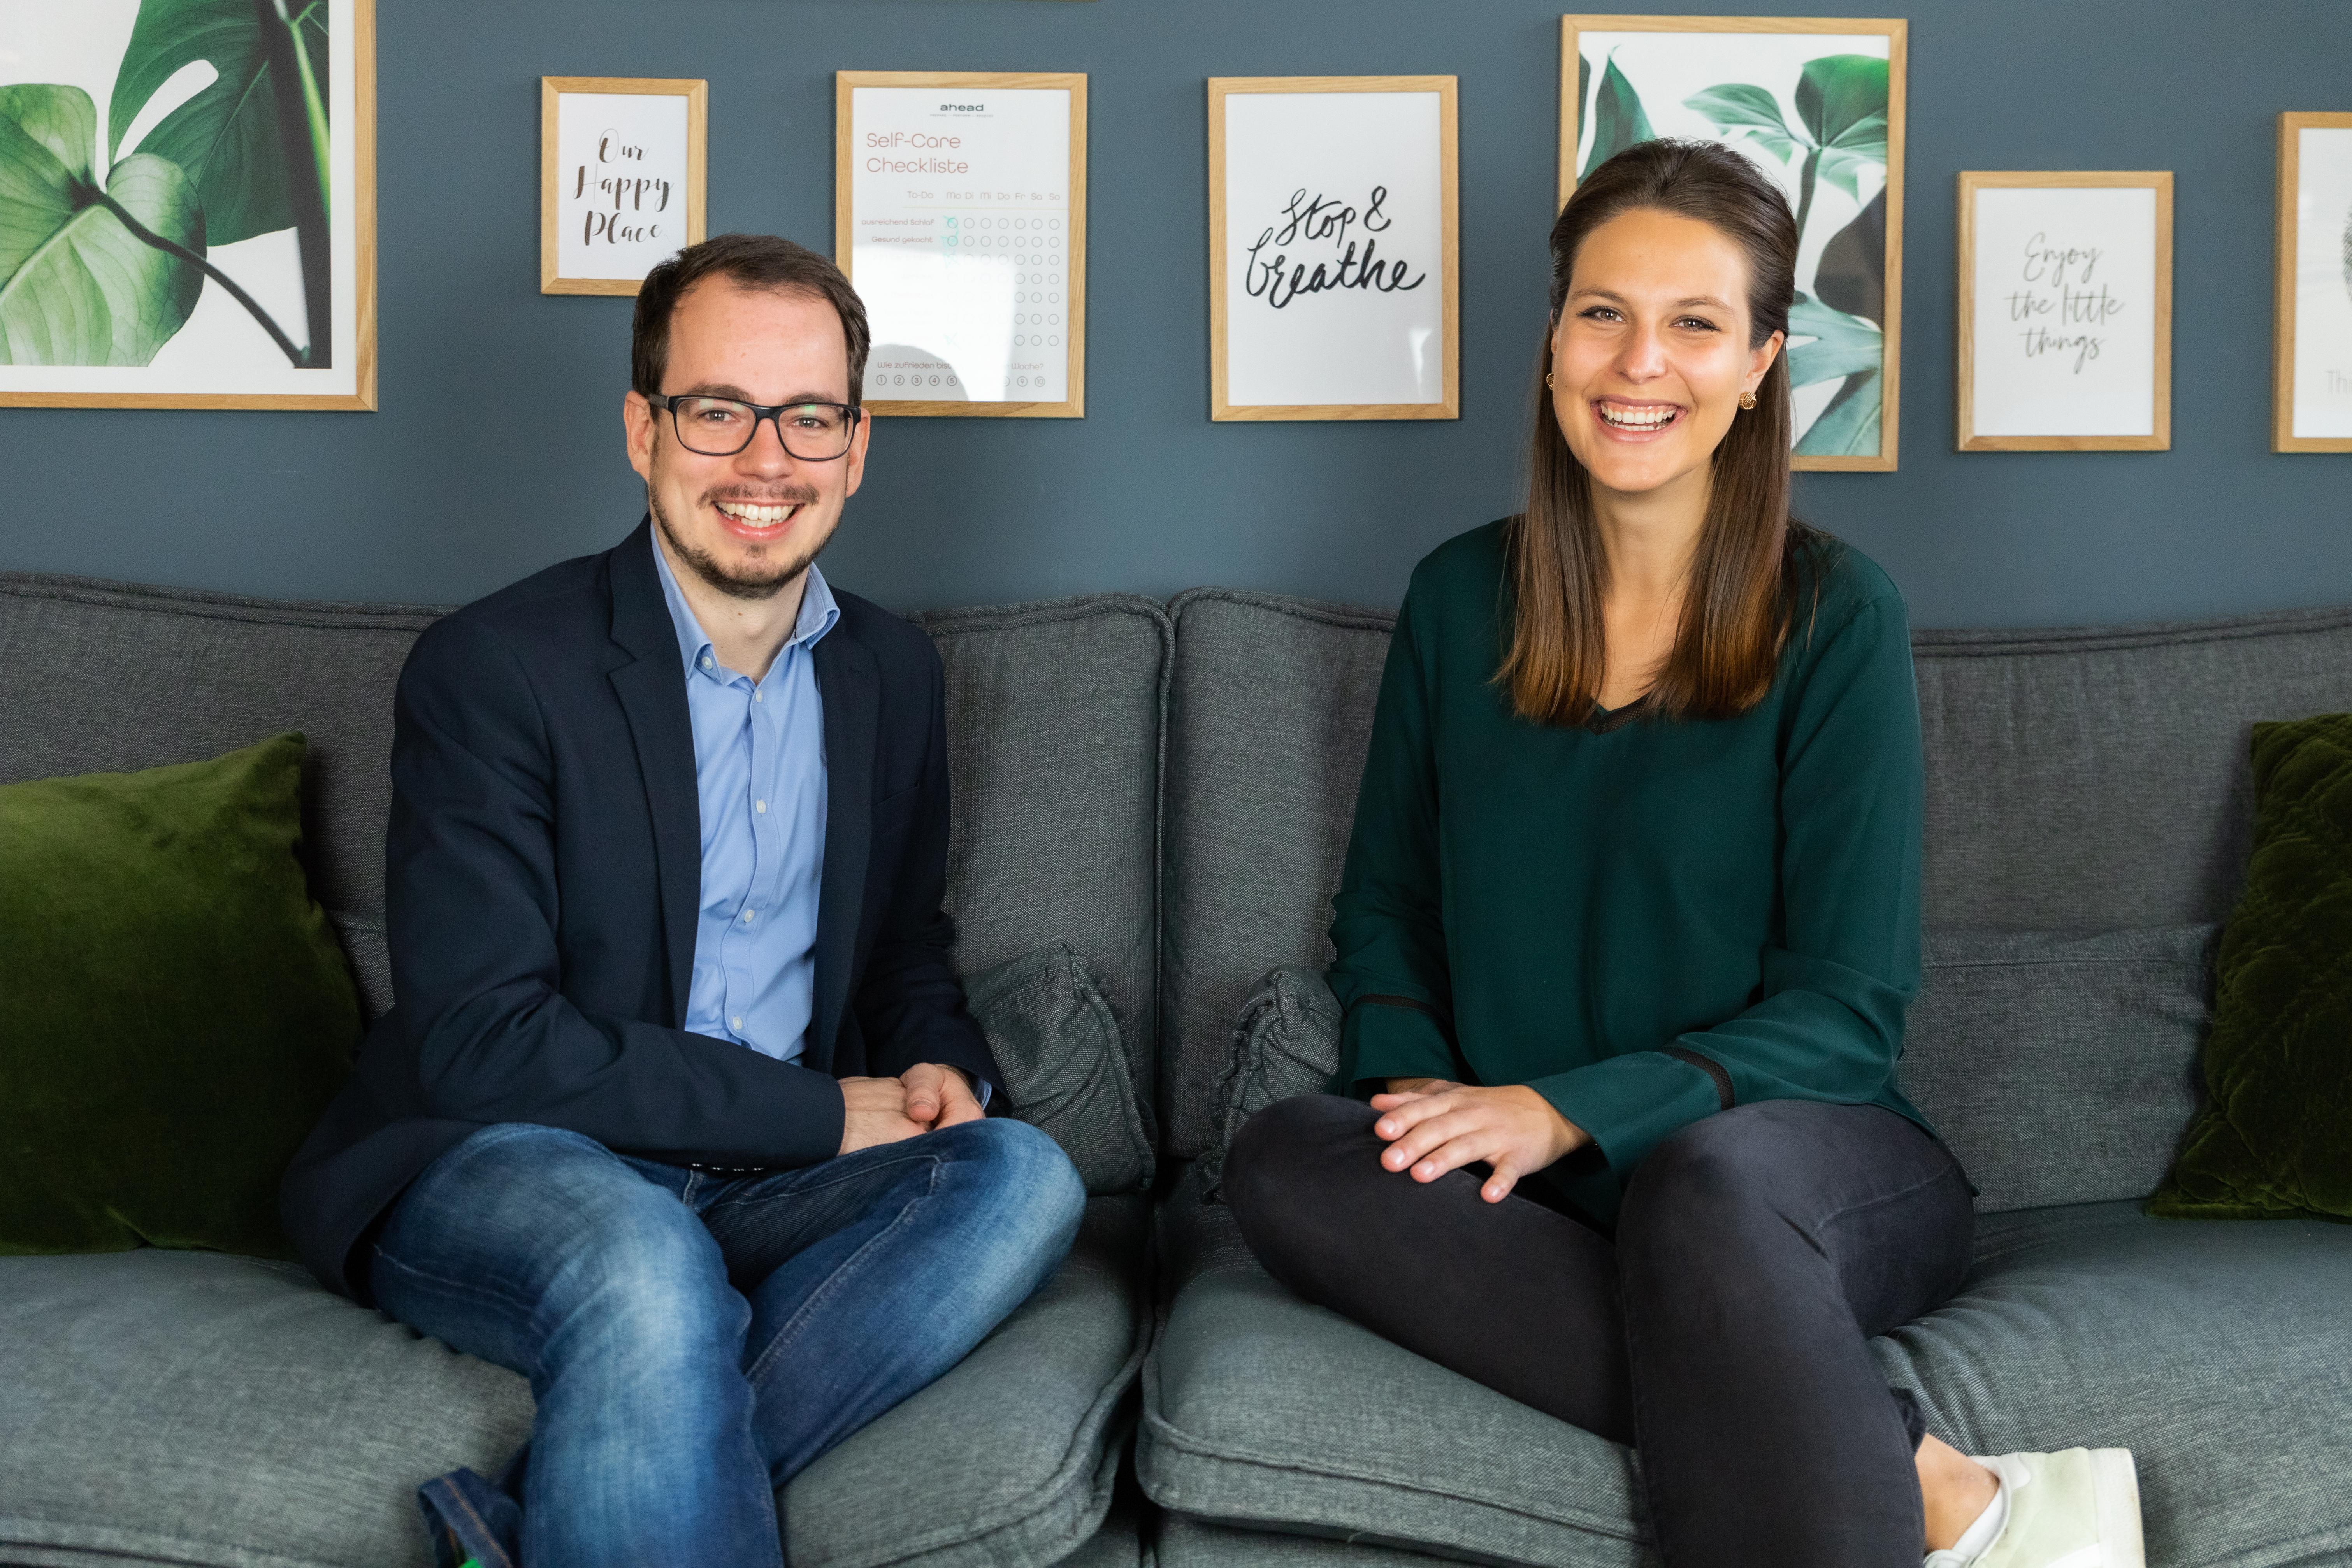 Die Gründer des Senior-Living-Anbieters lively: Constantin Rehberg und Christina Kainz